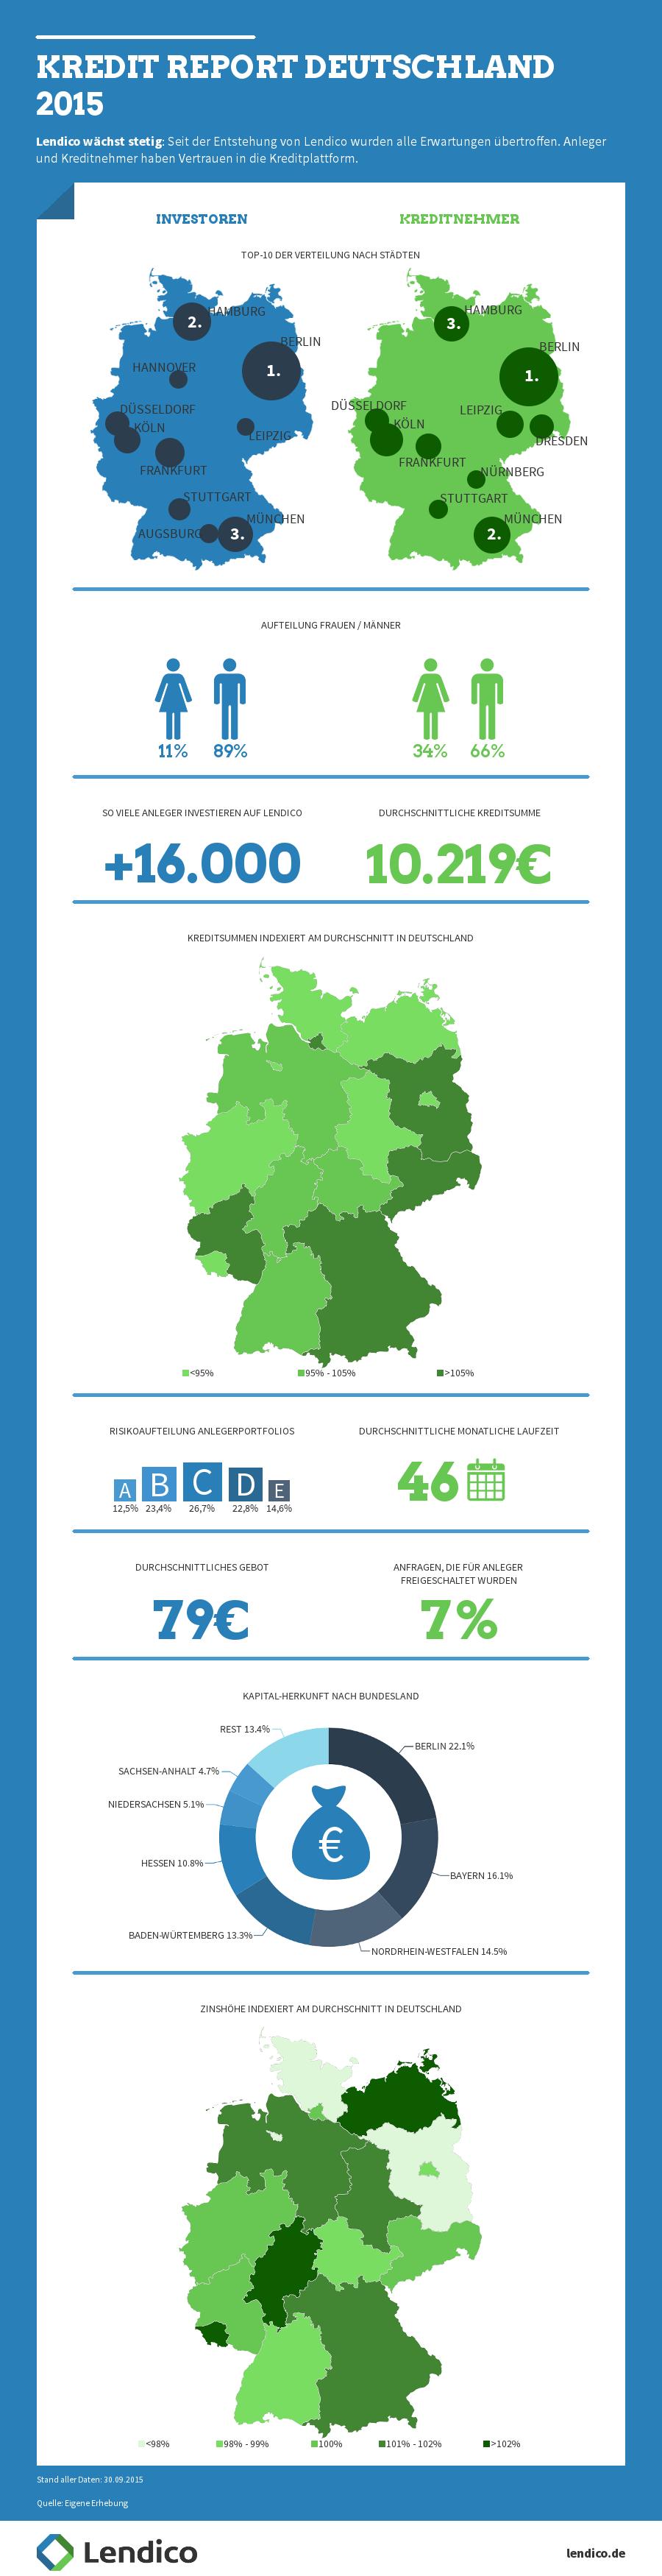 Infografik zum Kreditreport 2015 von Lendico